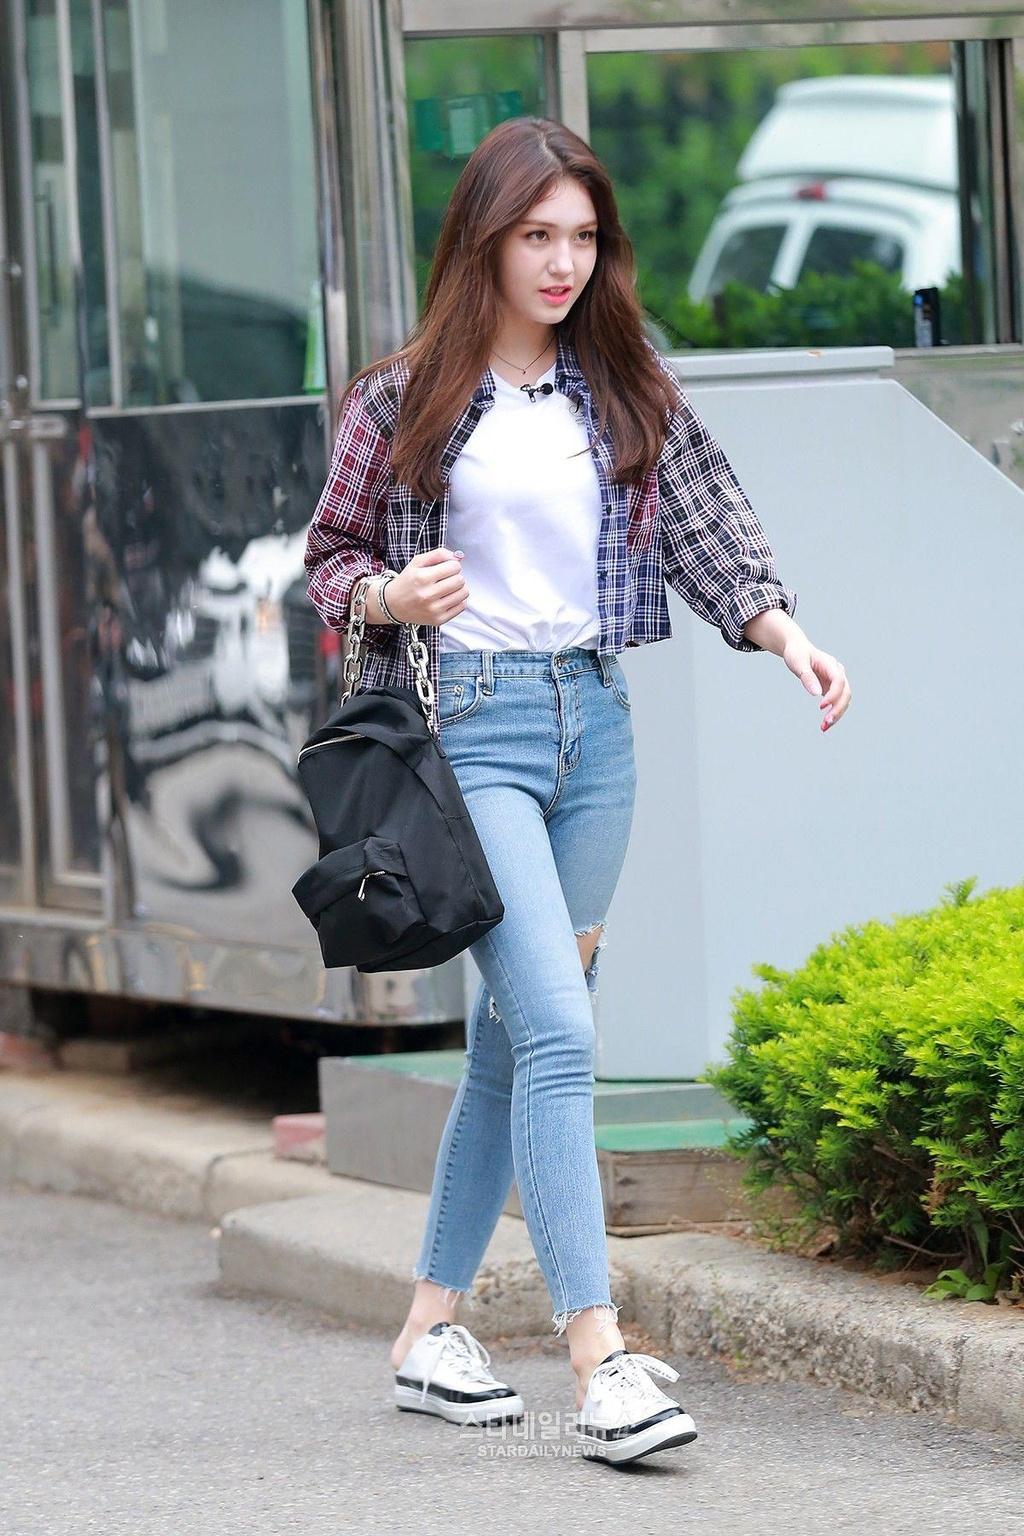 Jeon Somi - 'bong hong lai' xinh dep, so huu gu thoi trang tre trung hinh anh 5